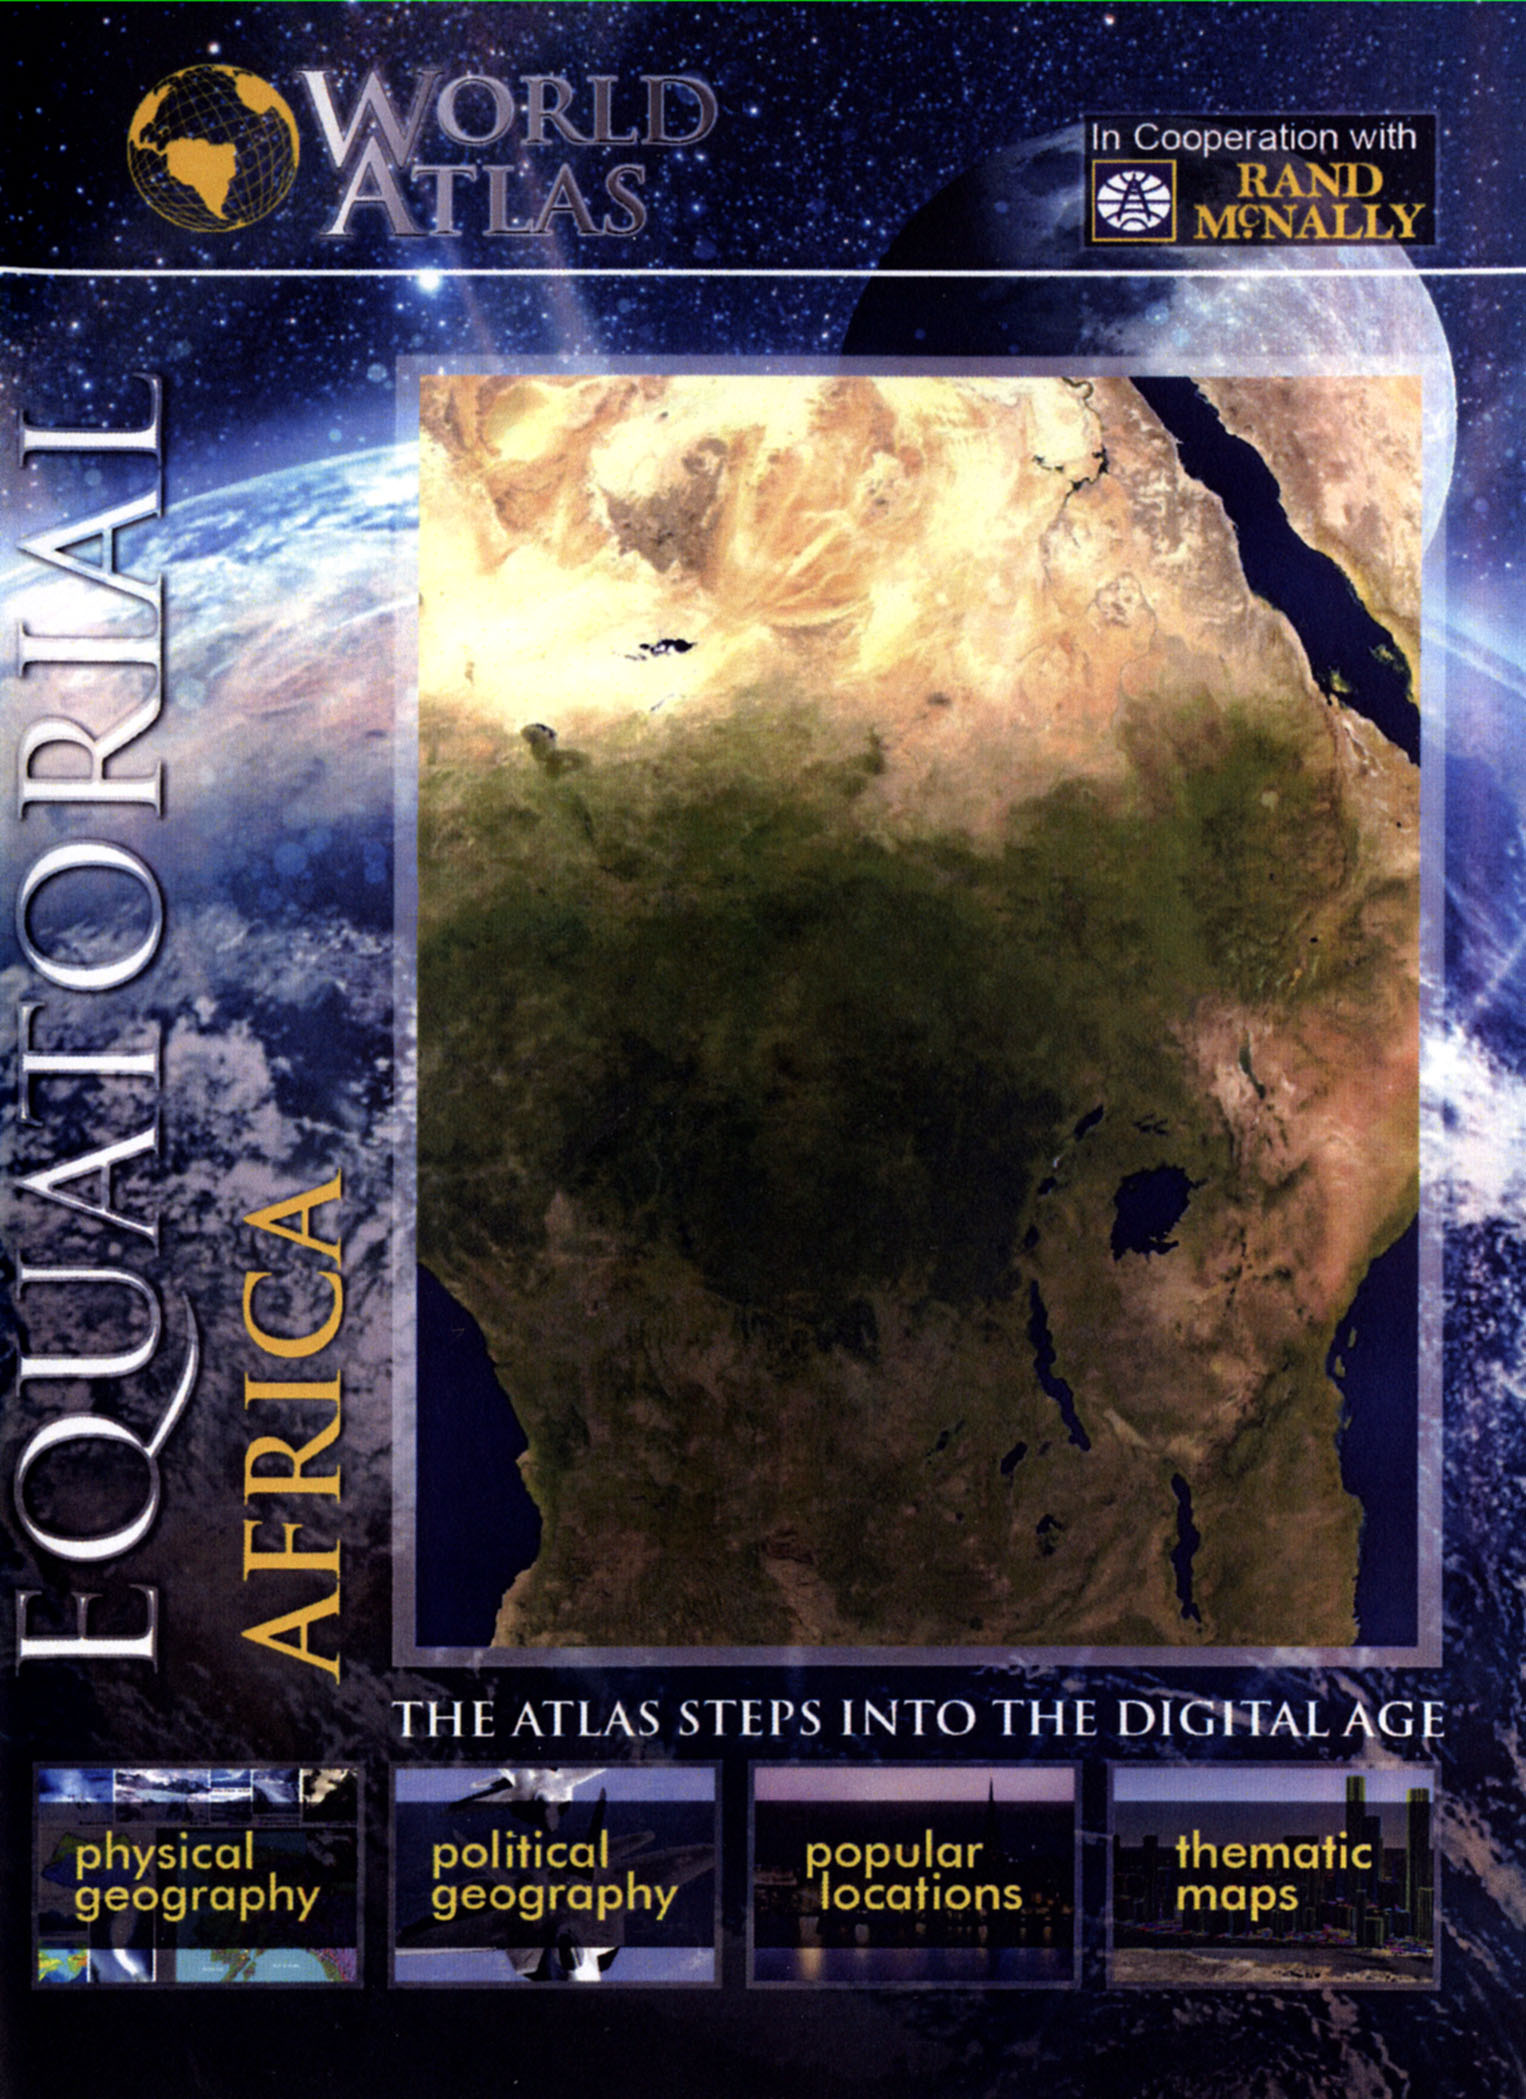 The World Atlas: Equatorial Africa